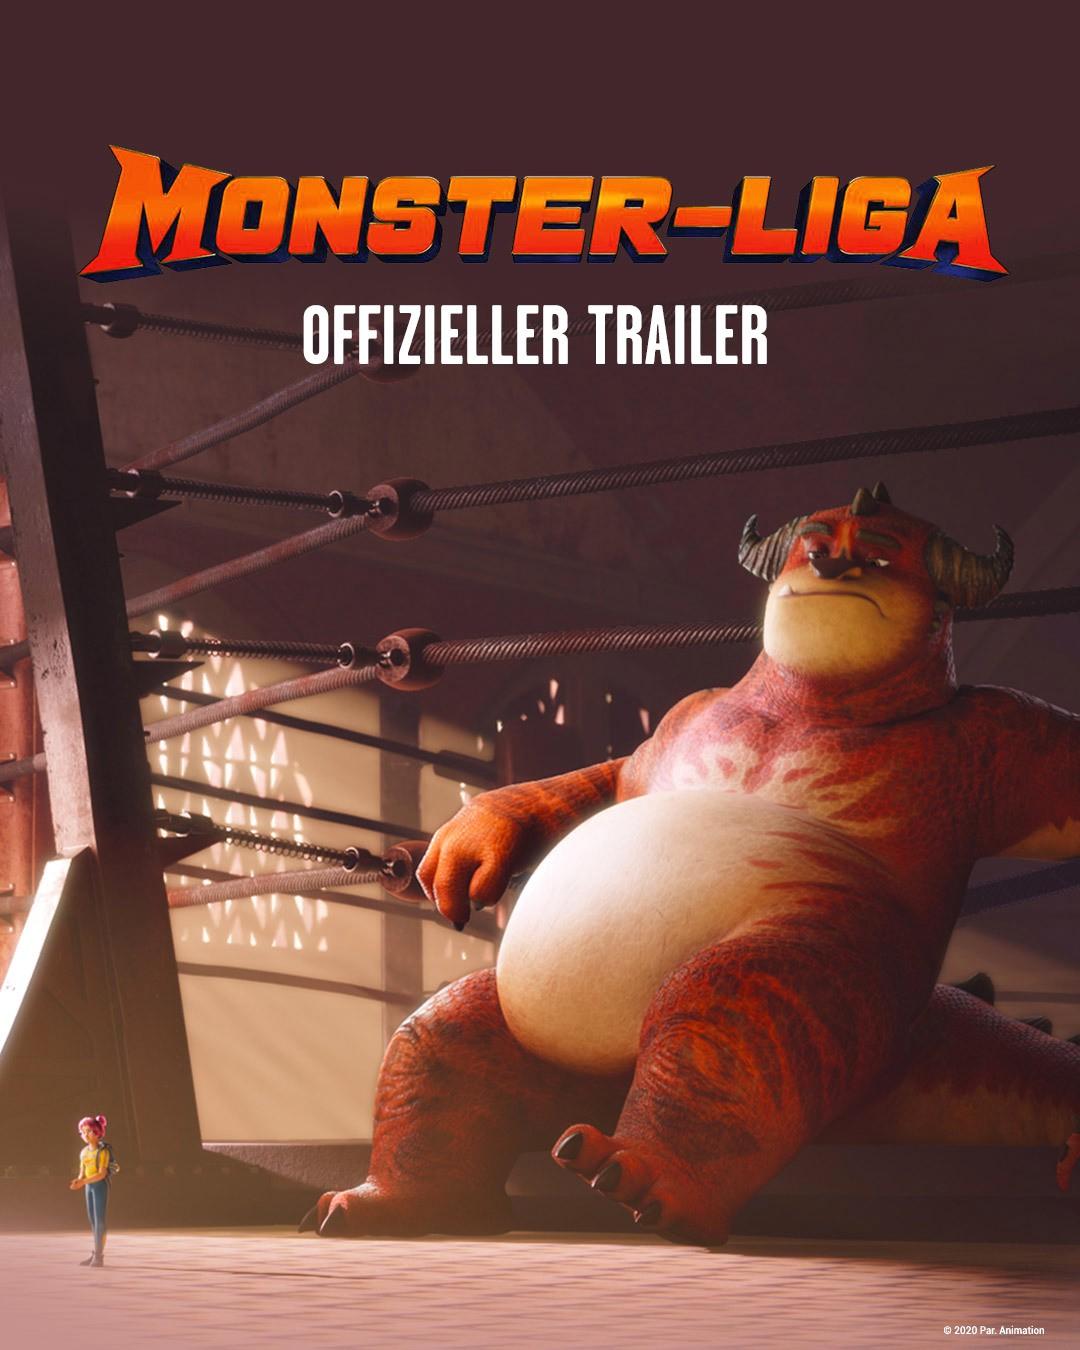 Monster-Liga Trailer - Bild 1 von 1